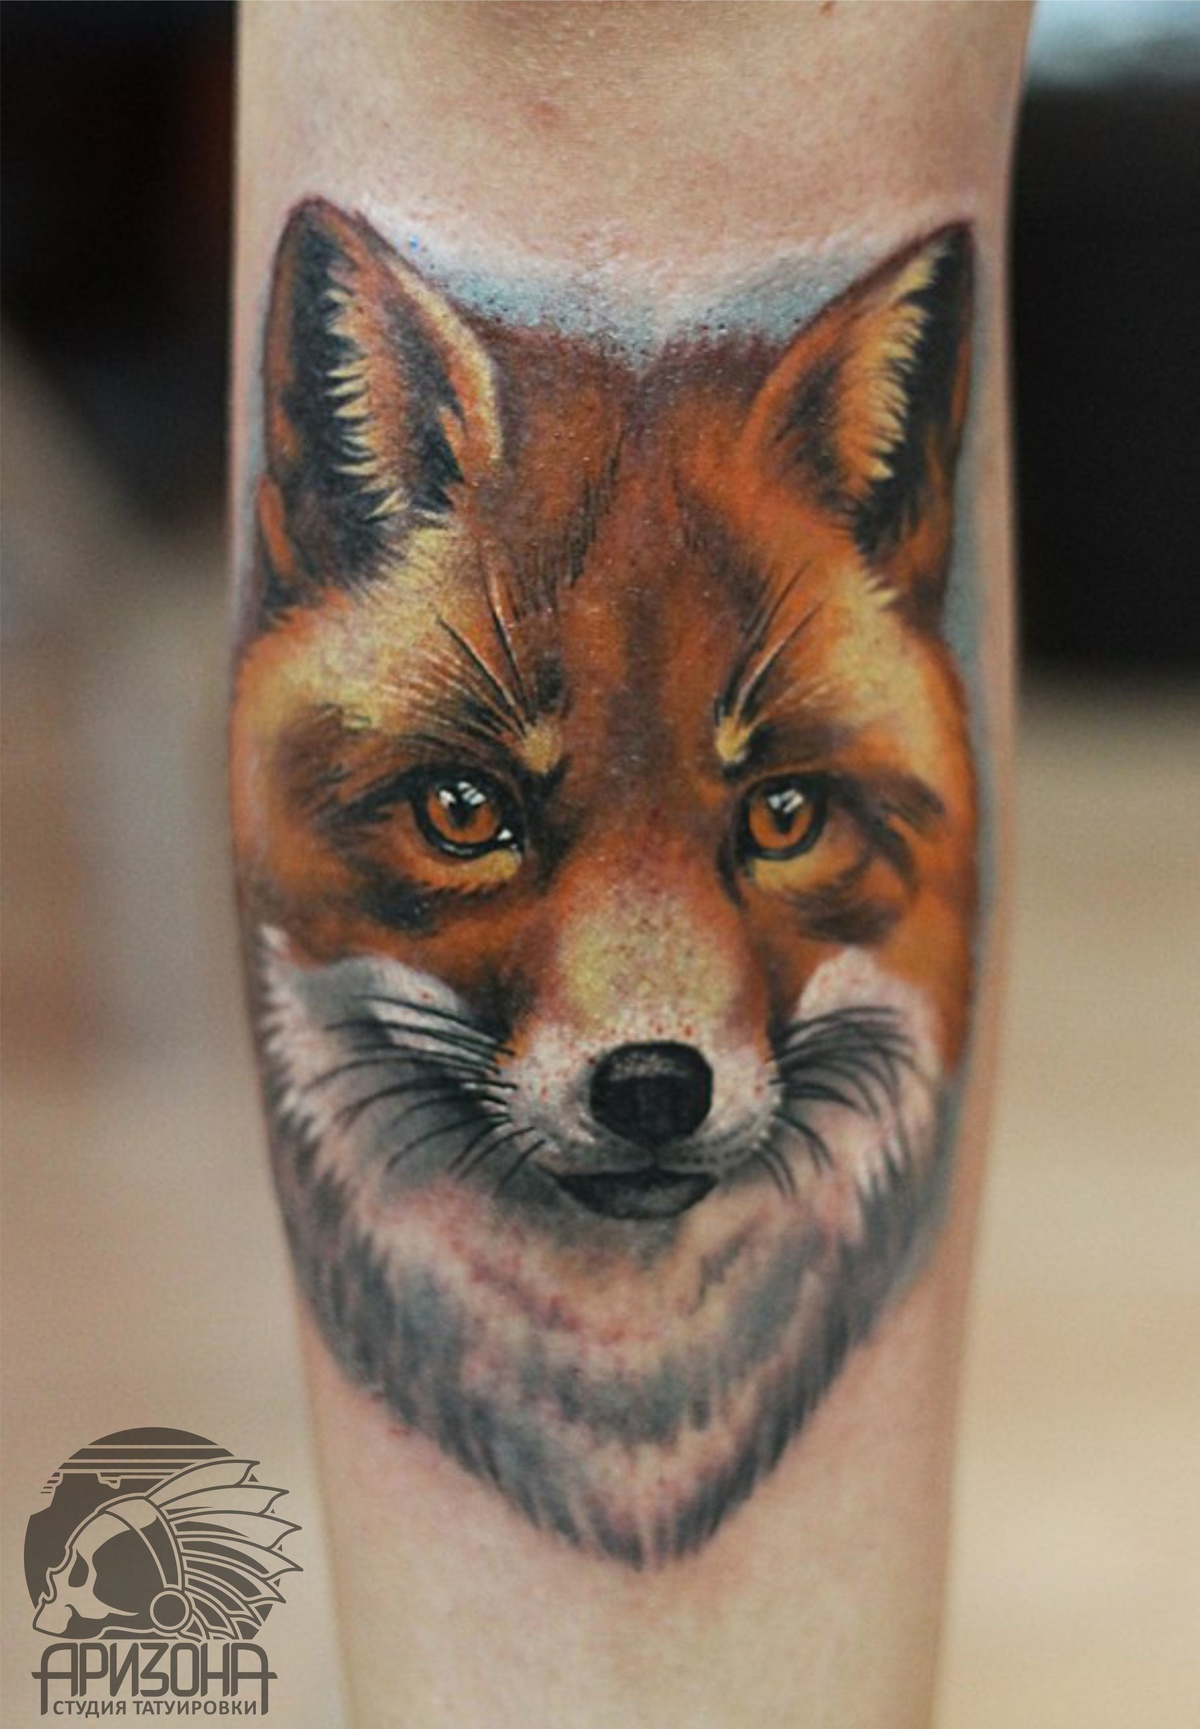 Значение тату лиса - Татуировки и их значение 53